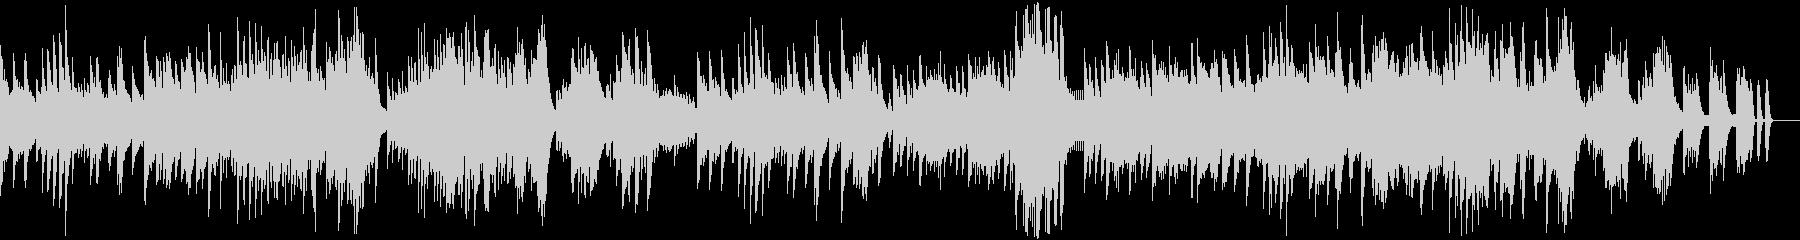 ピアノソナタ第8番「悲愴」第2楽章の未再生の波形